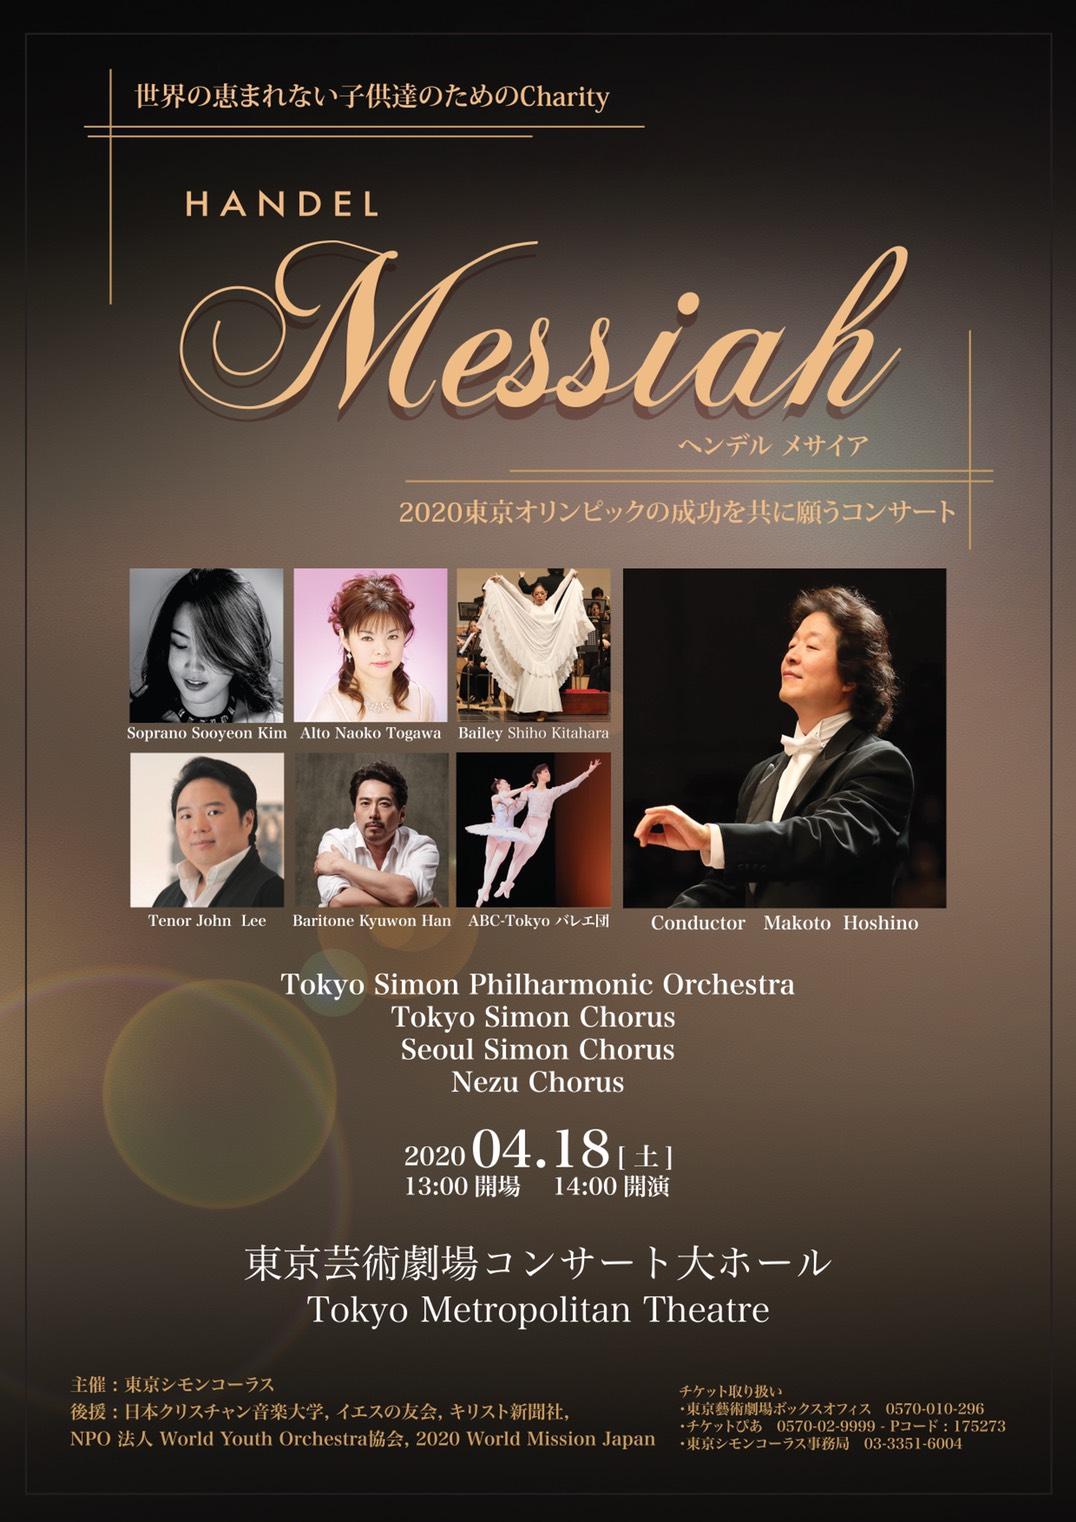 これからの演奏会  2020.04.18 Messiah  〜世界の恵まれないこどもたちのために〜